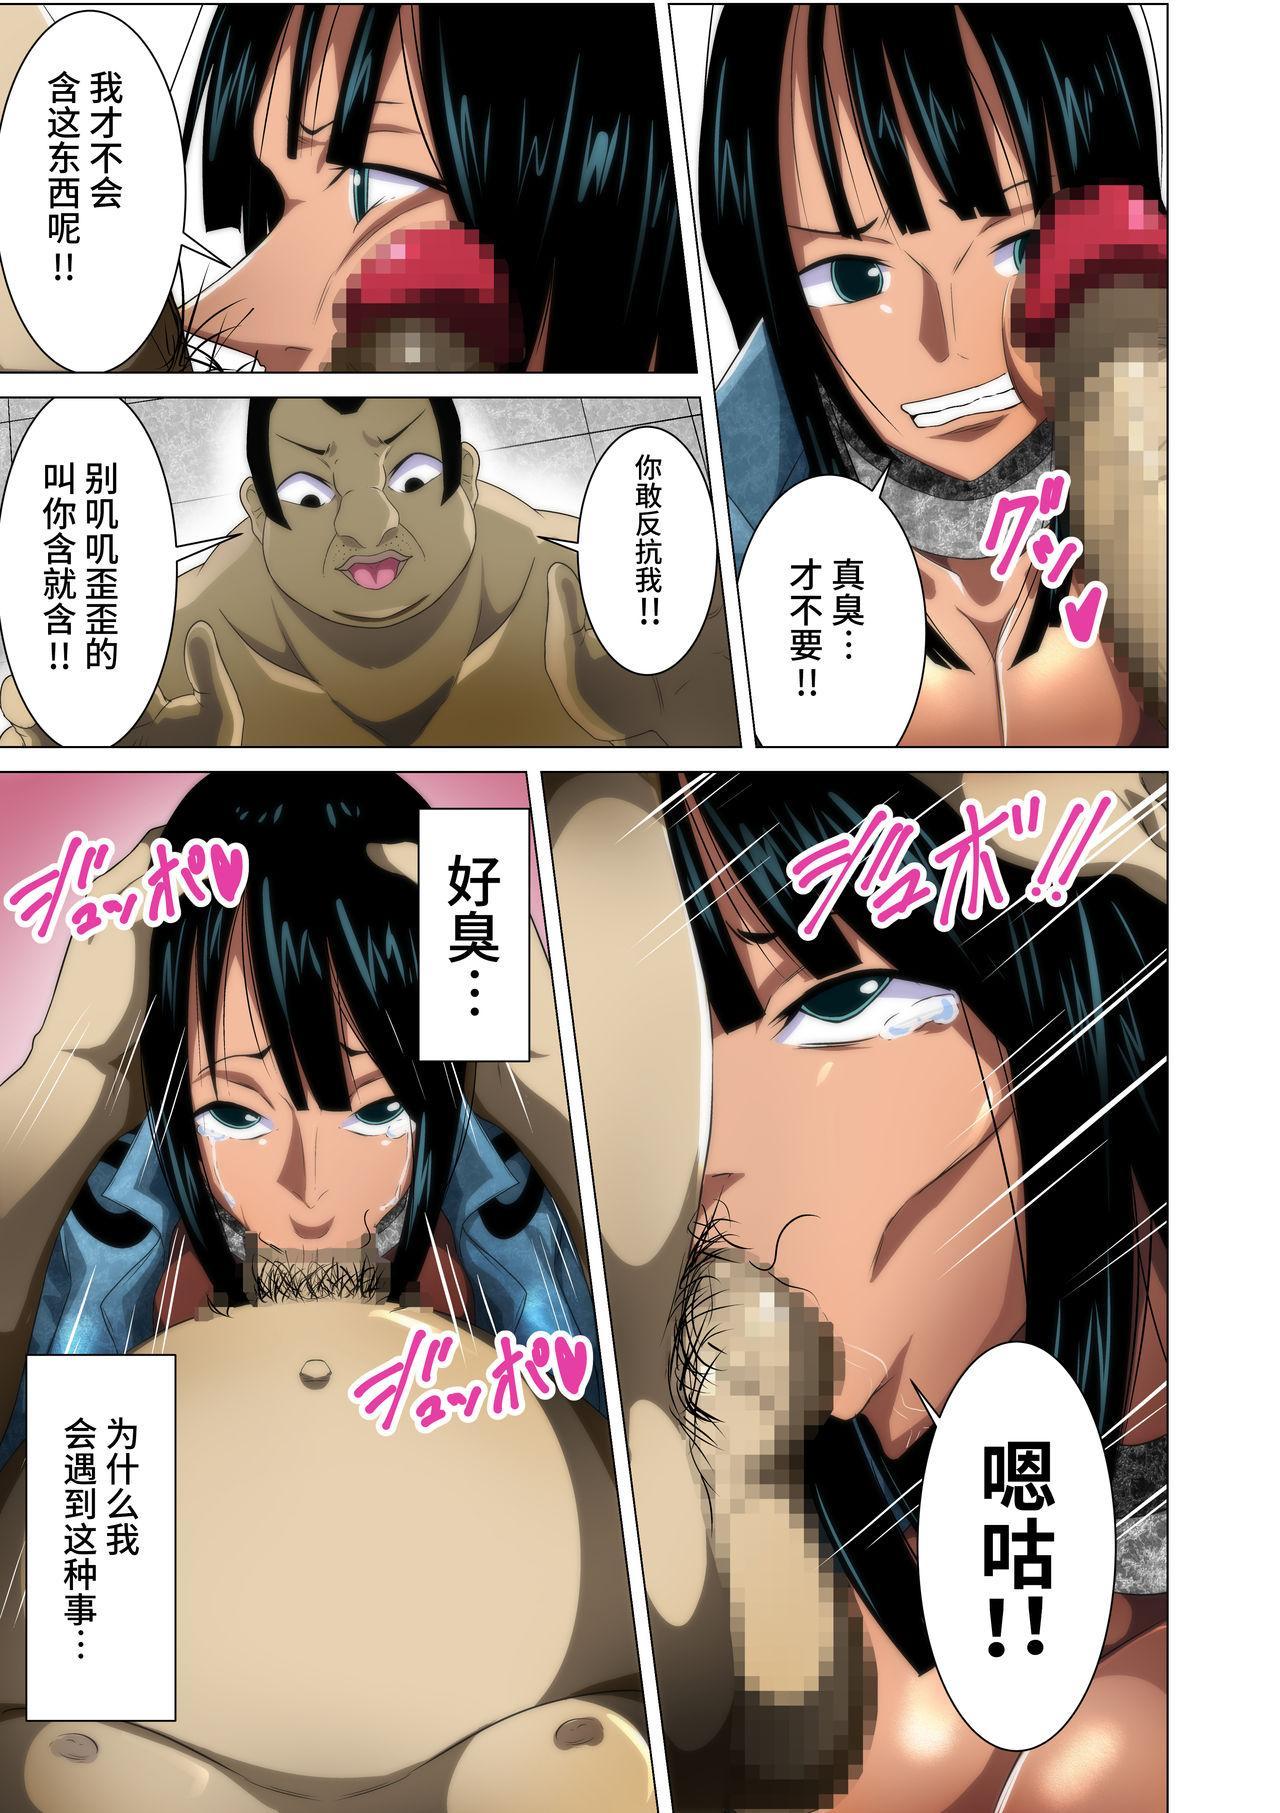 Torawareta Bakunyuu Kaizoku no Matsuro | The Fate Of The Captured Big Breasted Pirate 6